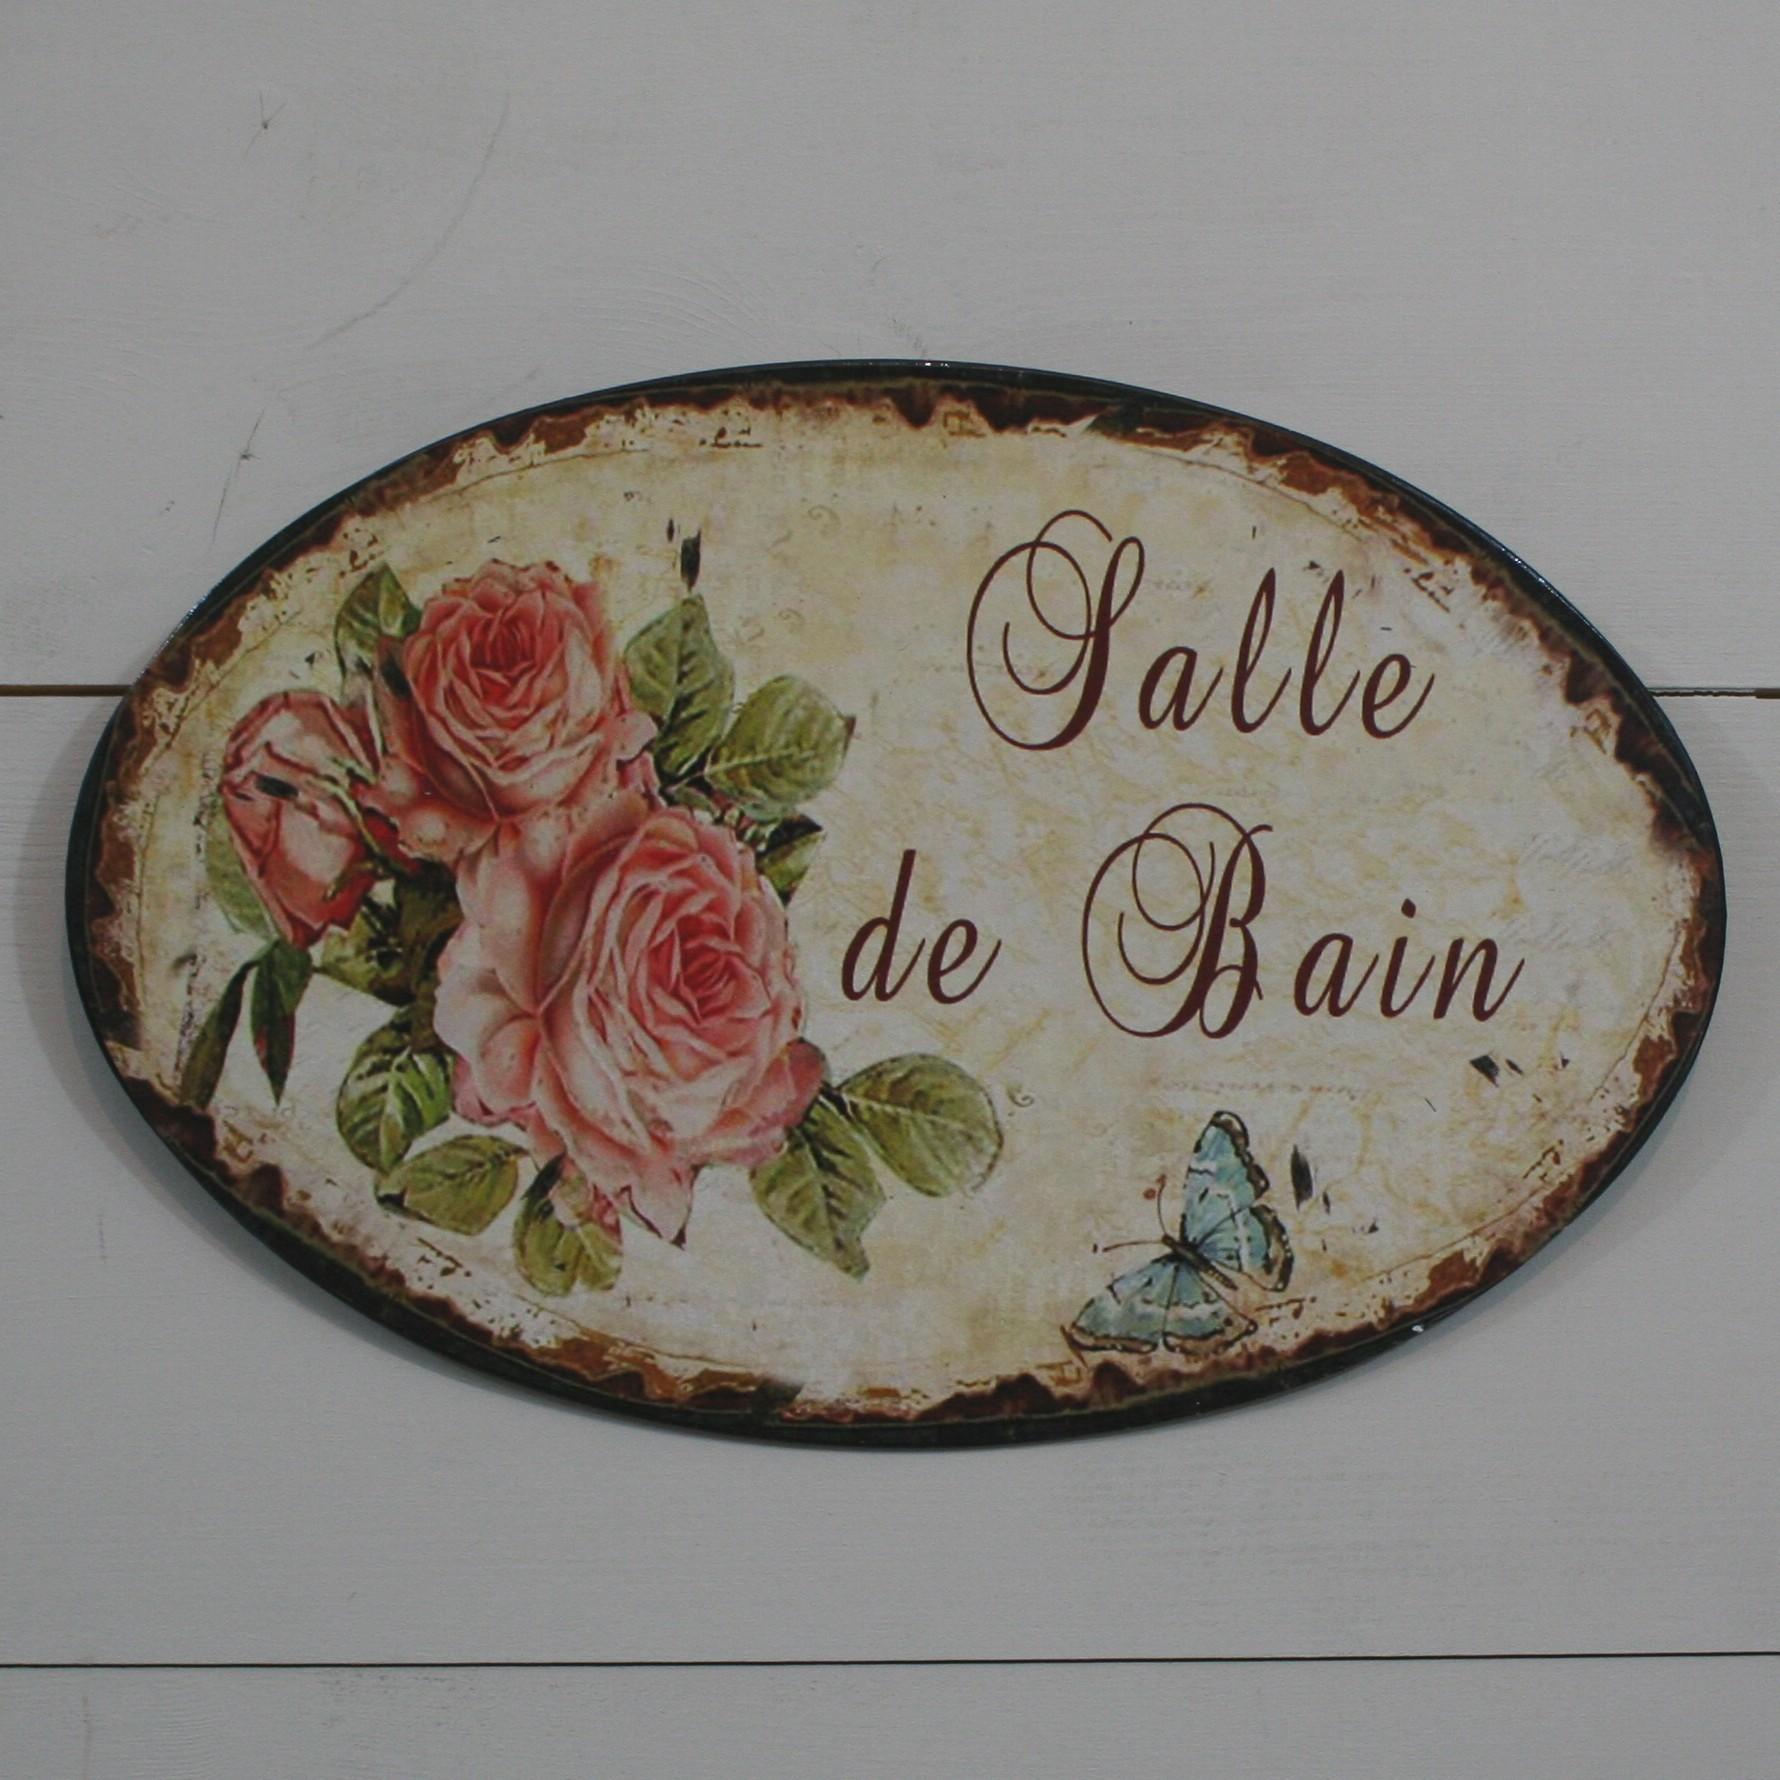 D coration de charme plaque de porte salle de bain ovale for Plaque de porte wc et salle de bain